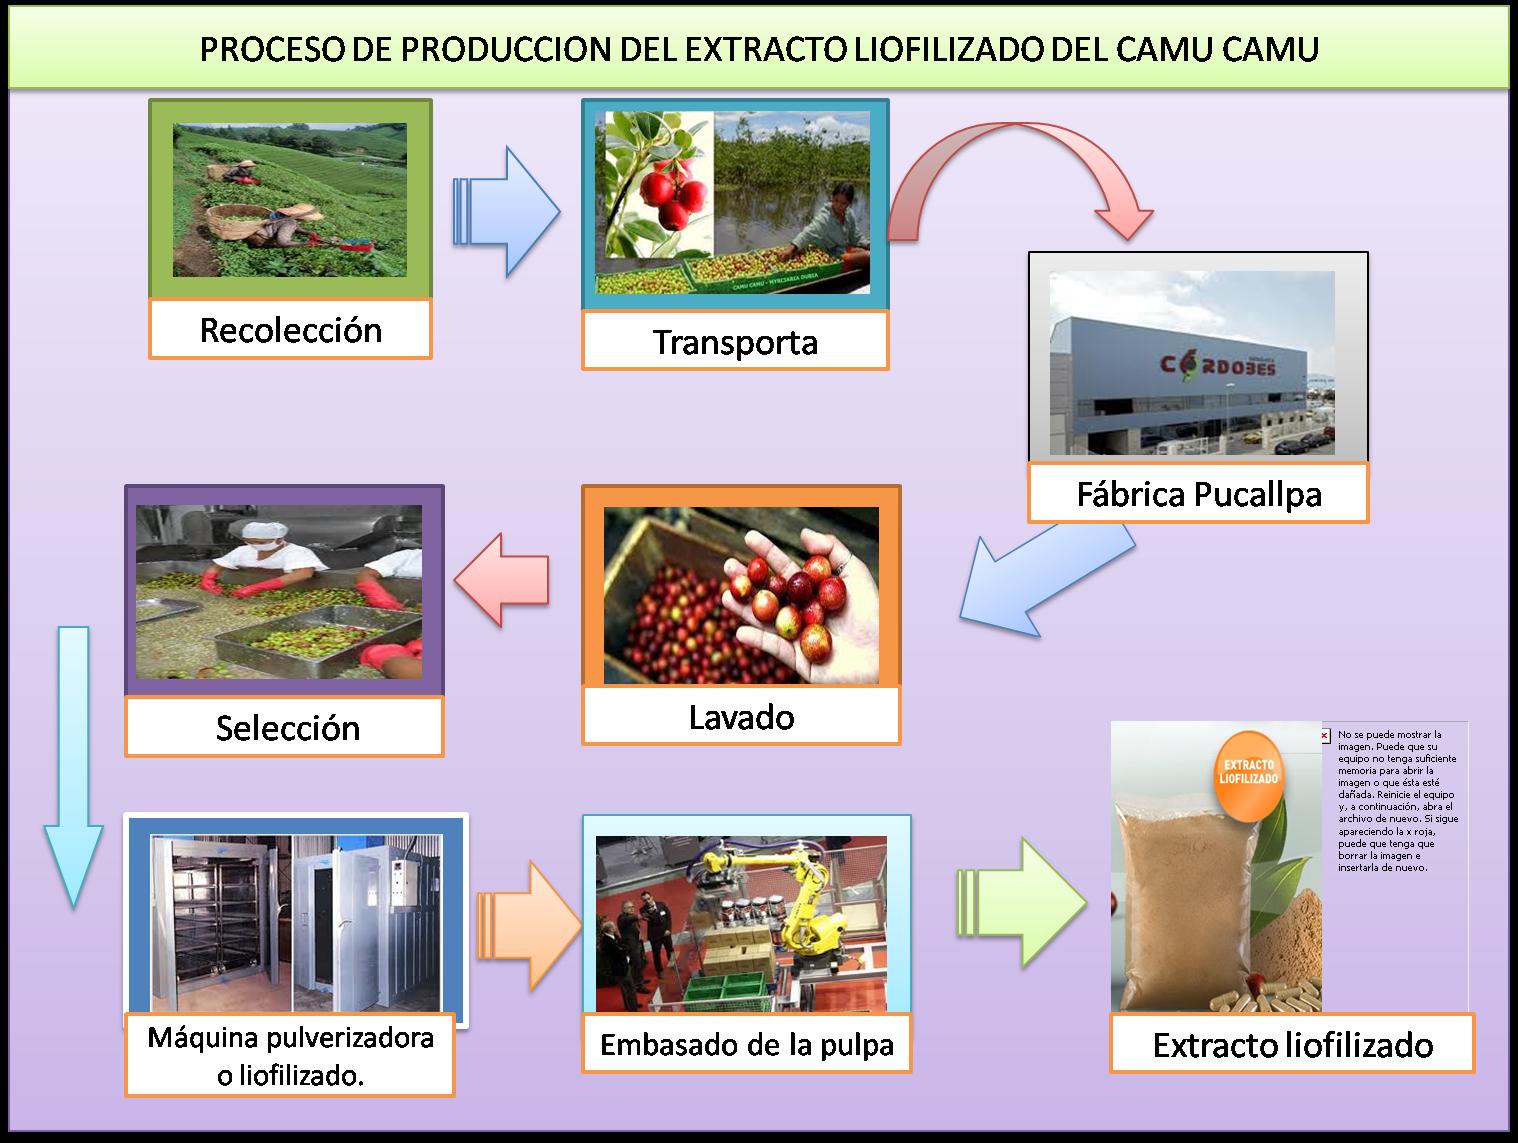 Camu camu entrevista a la empresa yamano del per s a for Procesos de produccion de alimentos